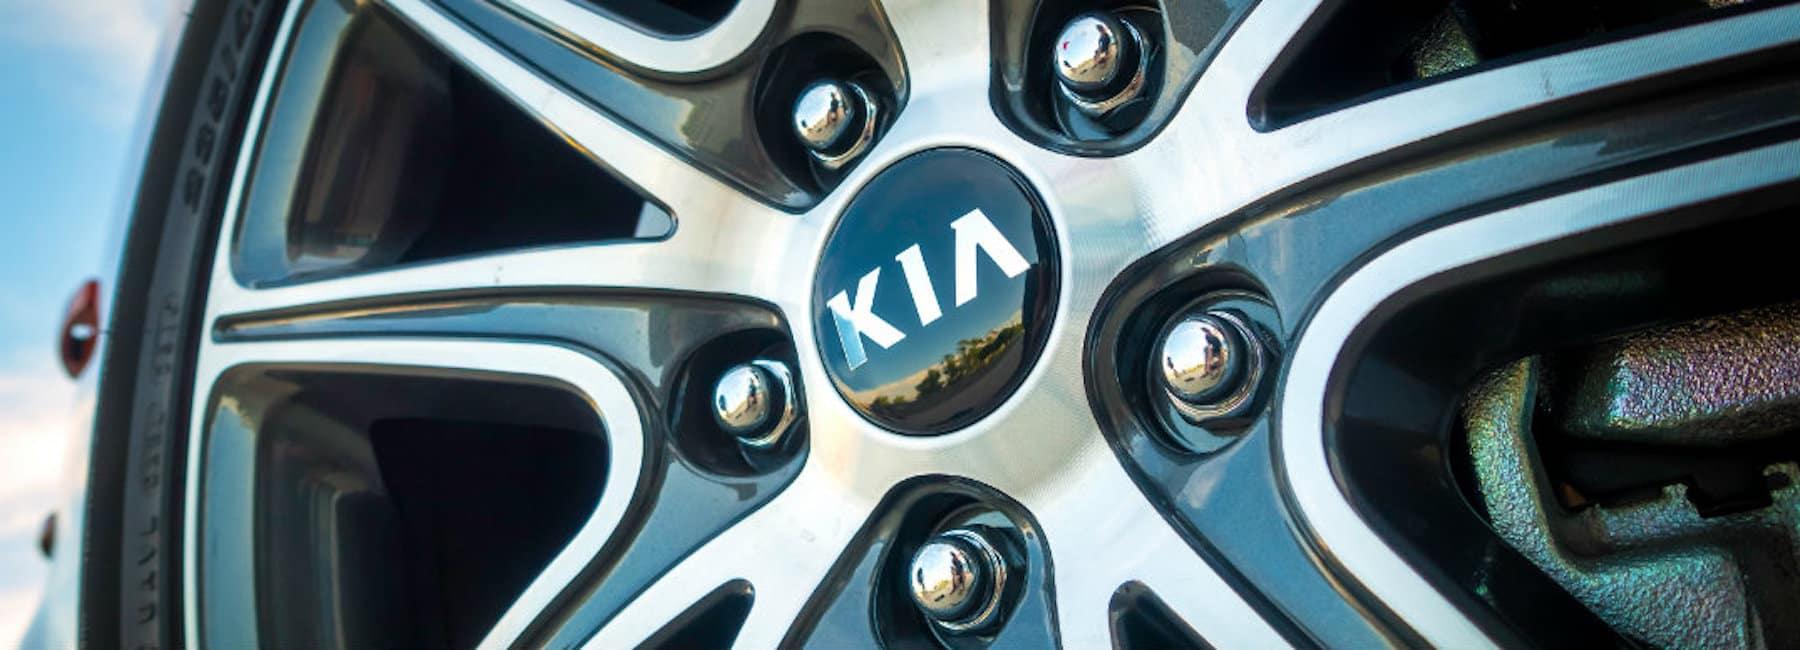 kia-soul-tire-pressure_o.jpg